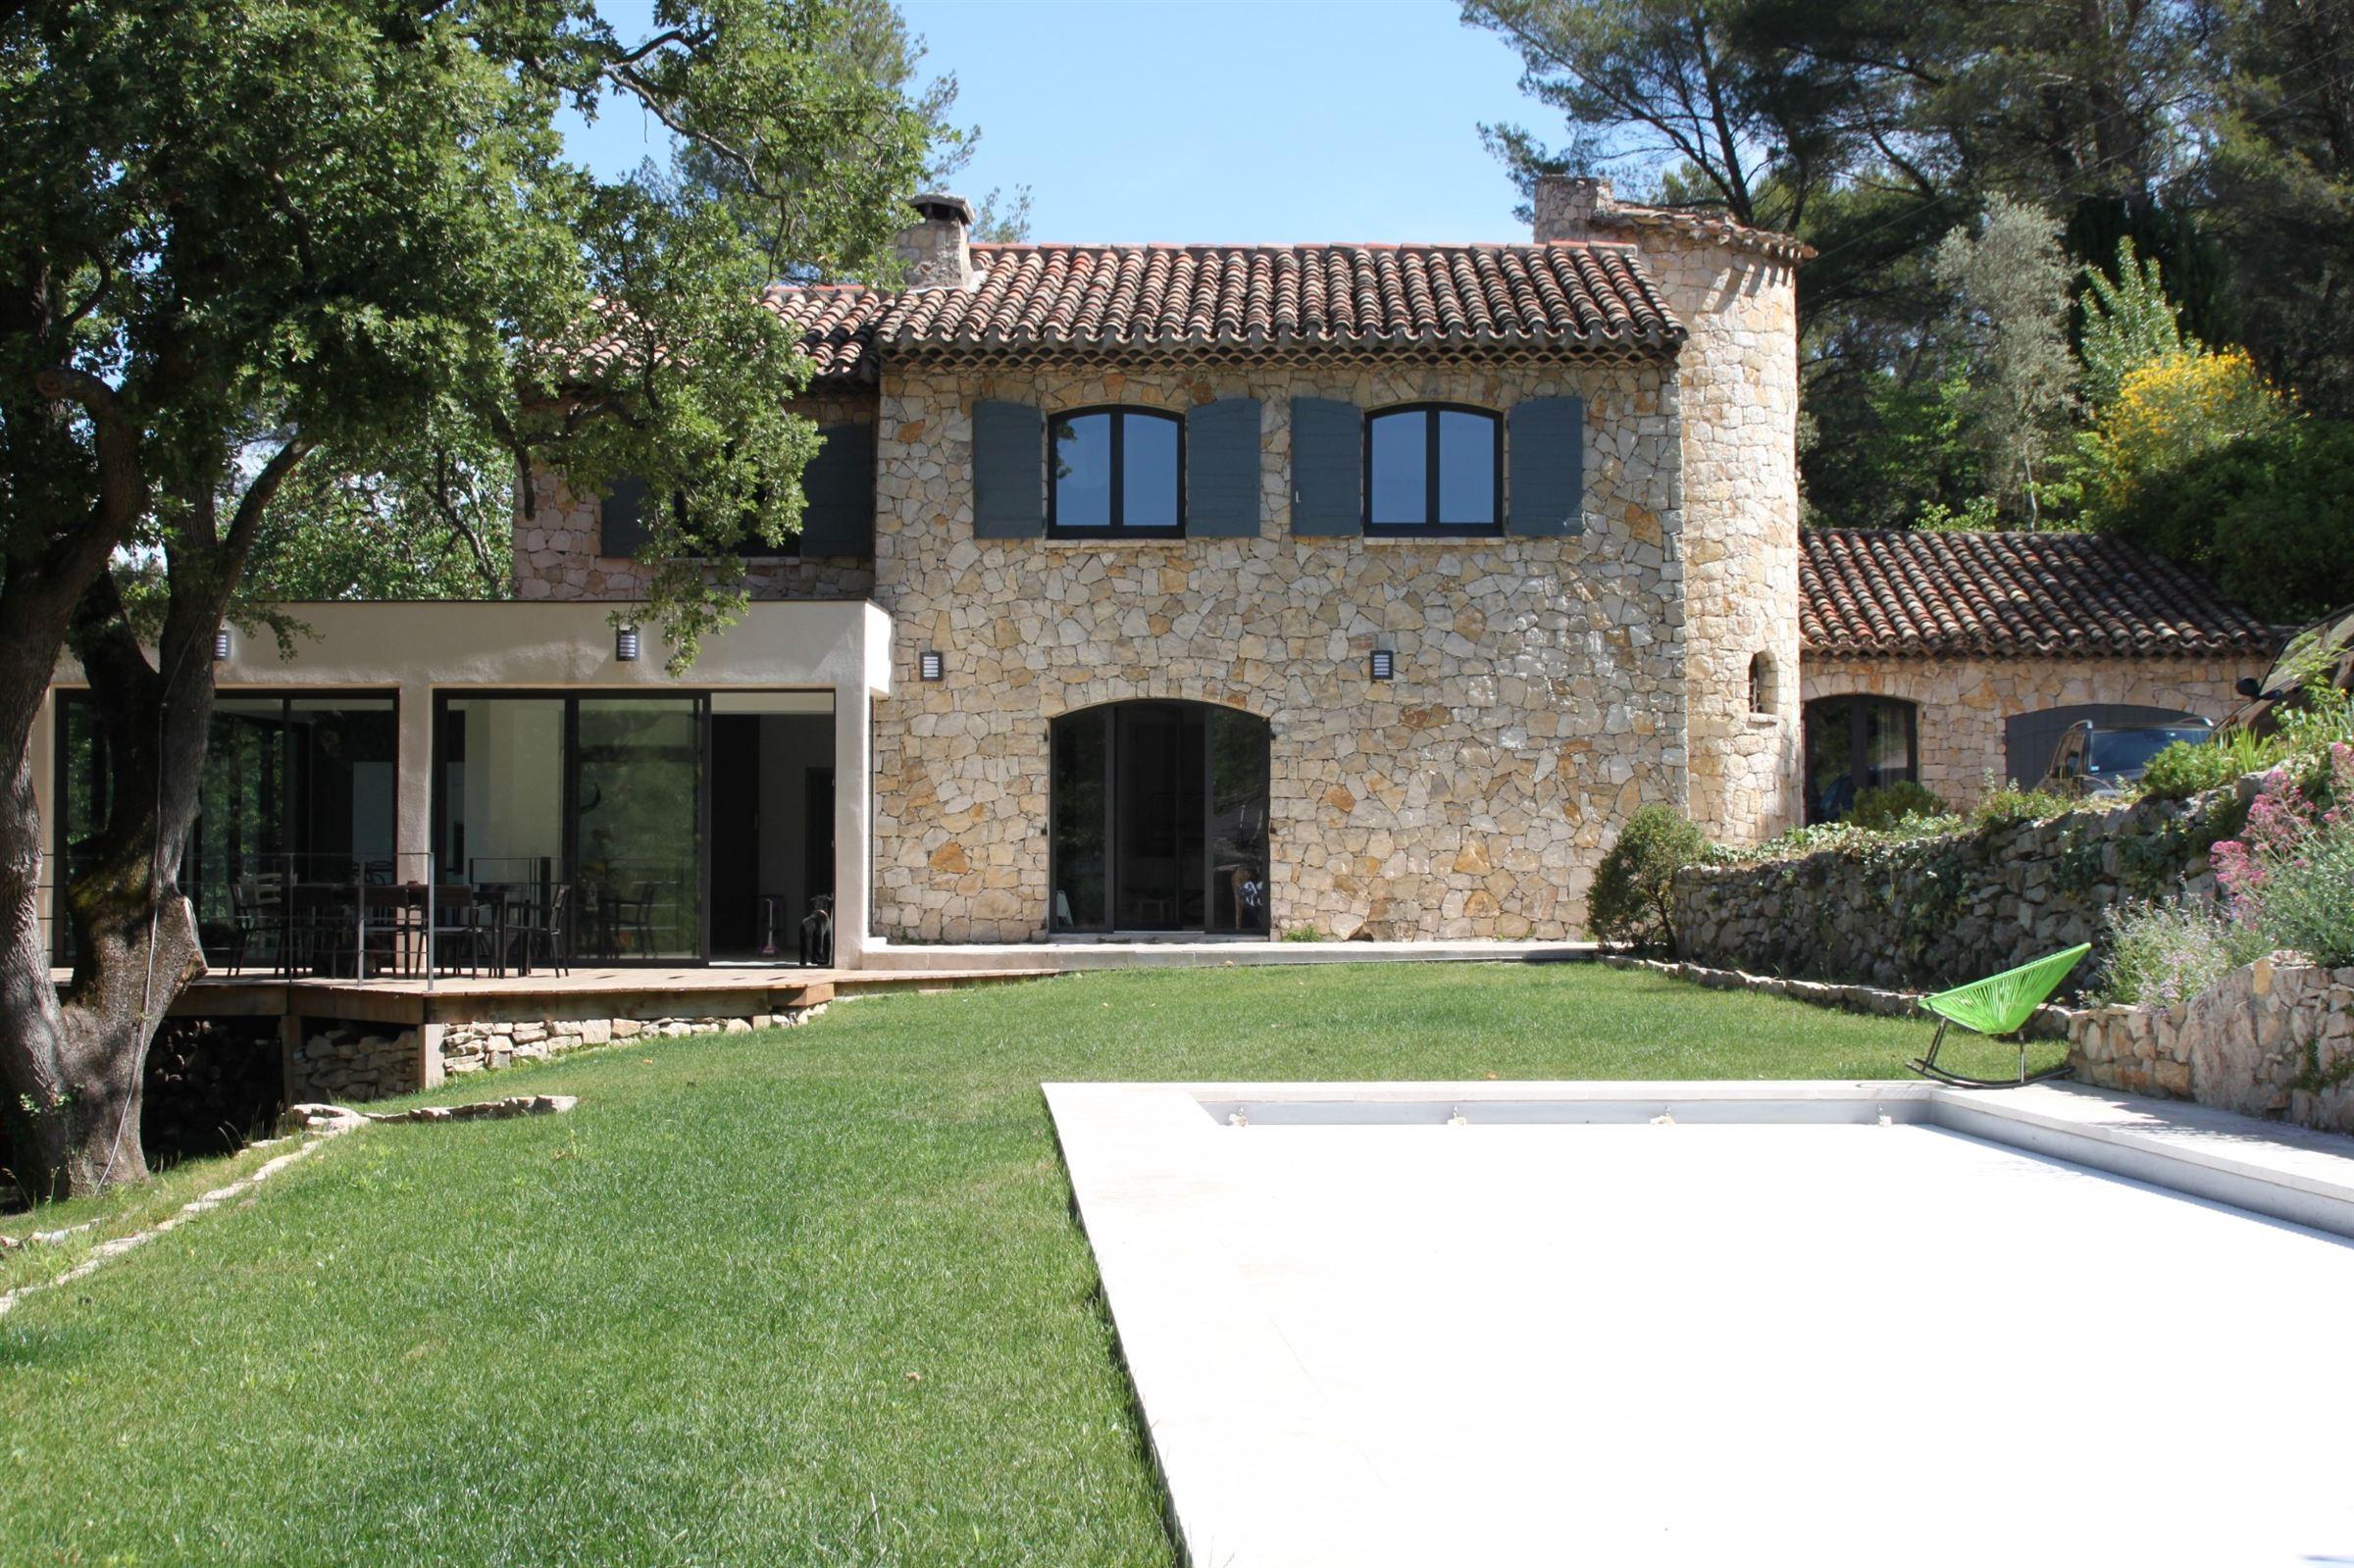 獨棟家庭住宅 為 出售 在 LE THOLONET Other Provence-Alpes-Cote D'Azur, 普羅旺斯阿爾卑斯藍色海岸, 13100 法國